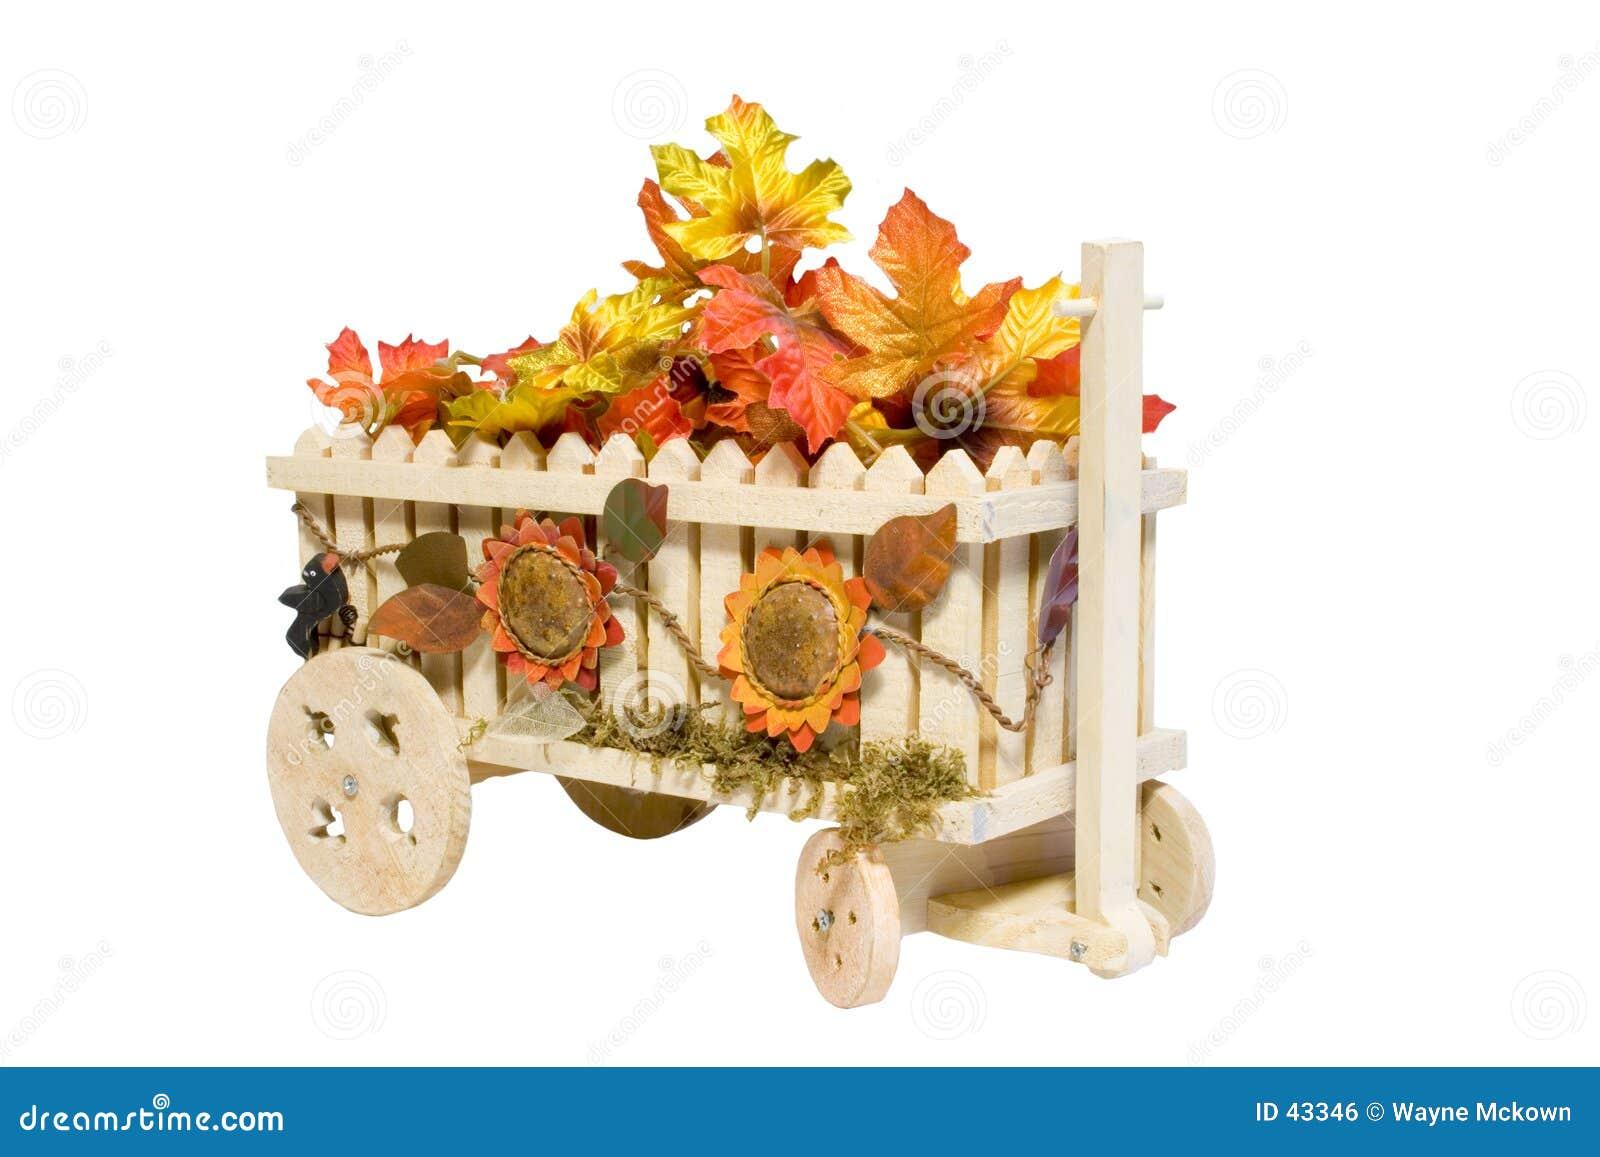 De wagen van de Bloem.